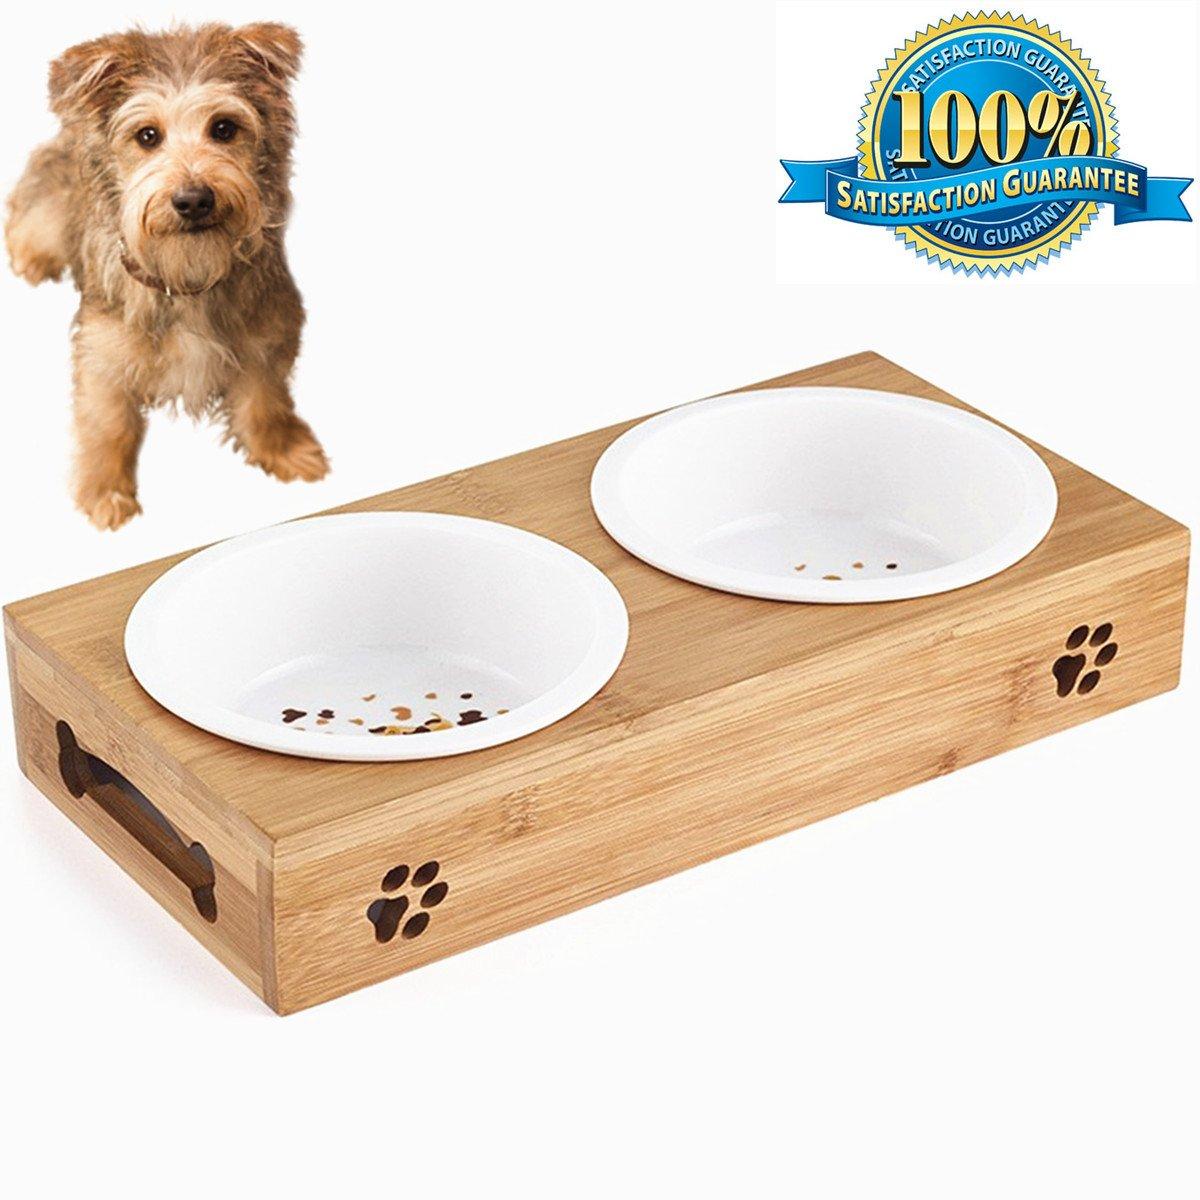 dkxq pet elevated listing feeder food triple fullxfull cat zoom mini il bowl